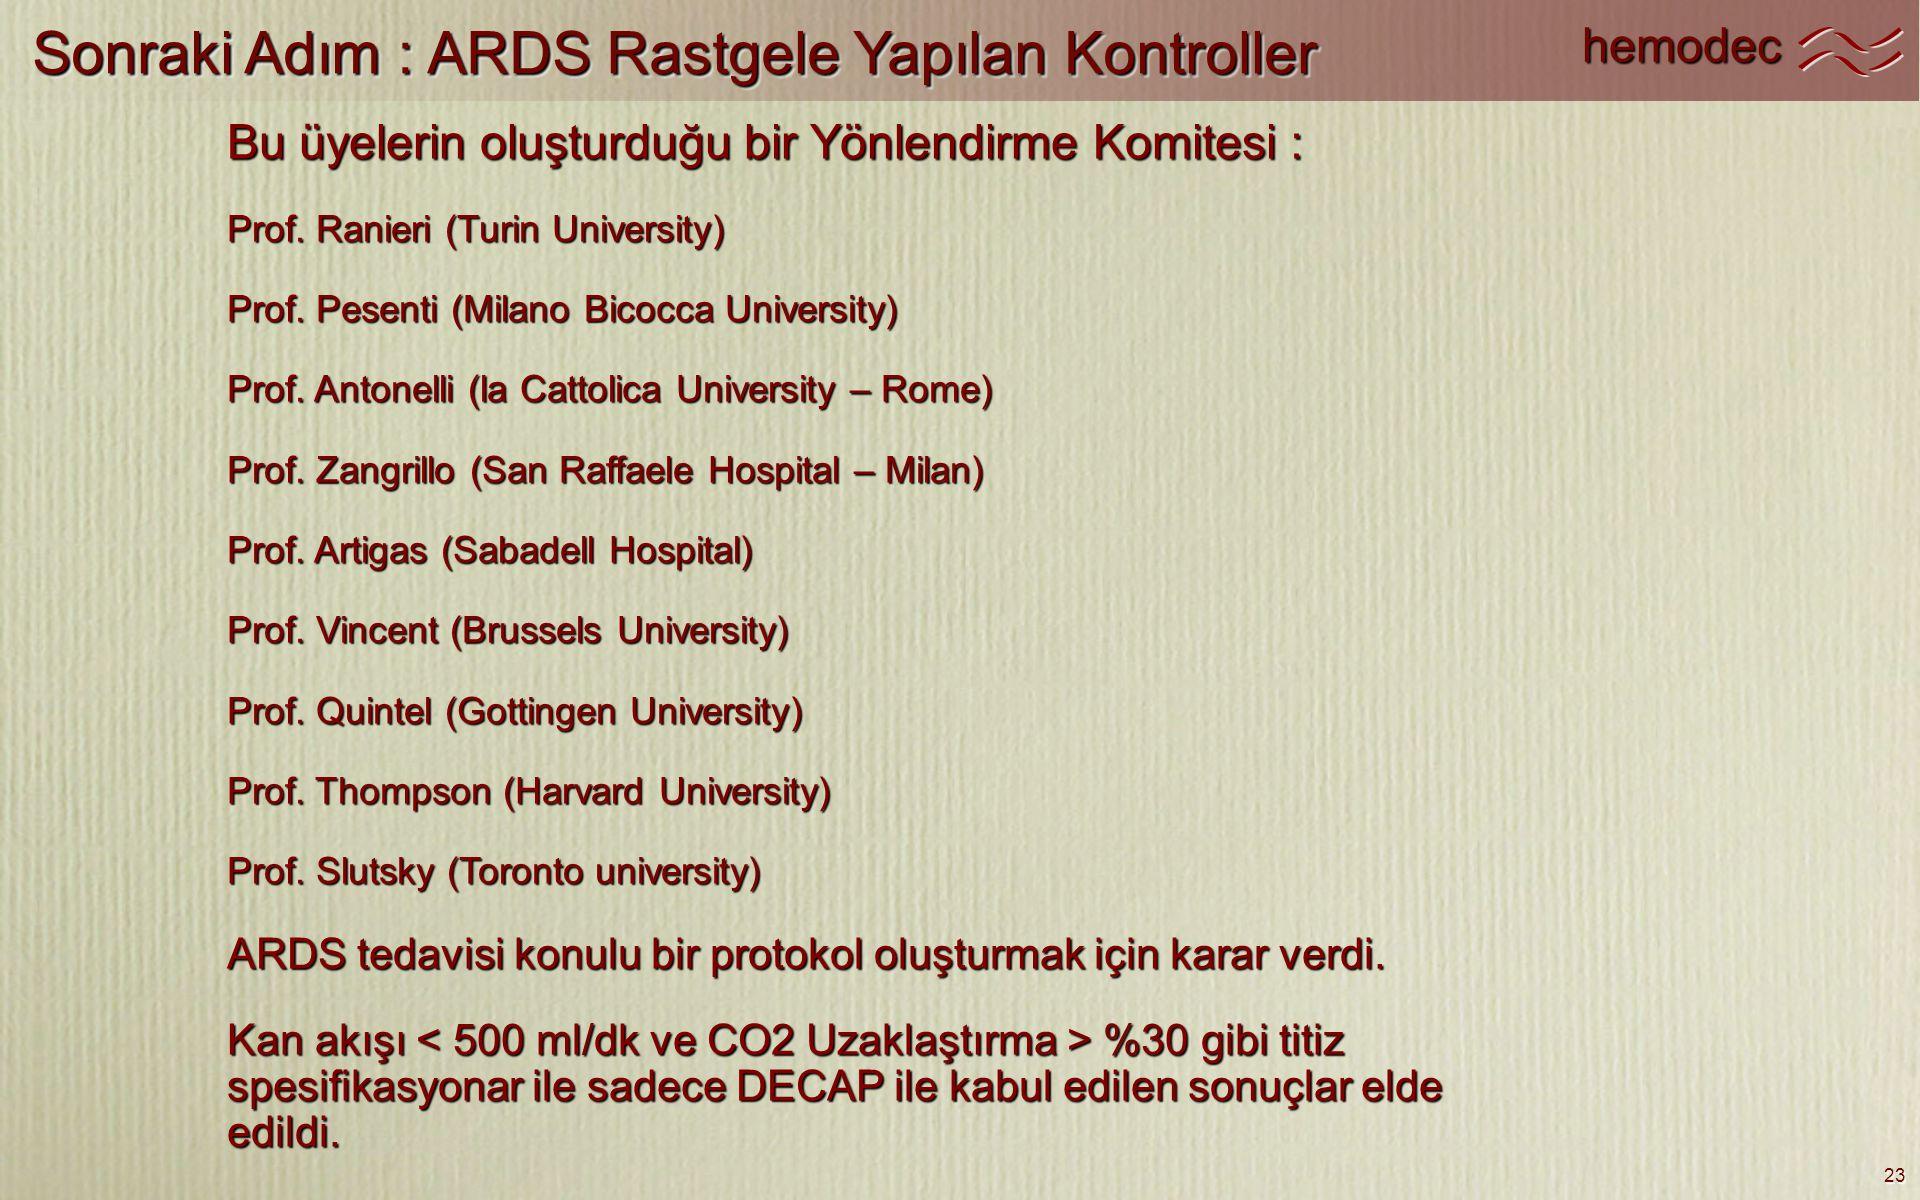 Sonraki Adım : ARDS Rastgele Yapılan Kontroller